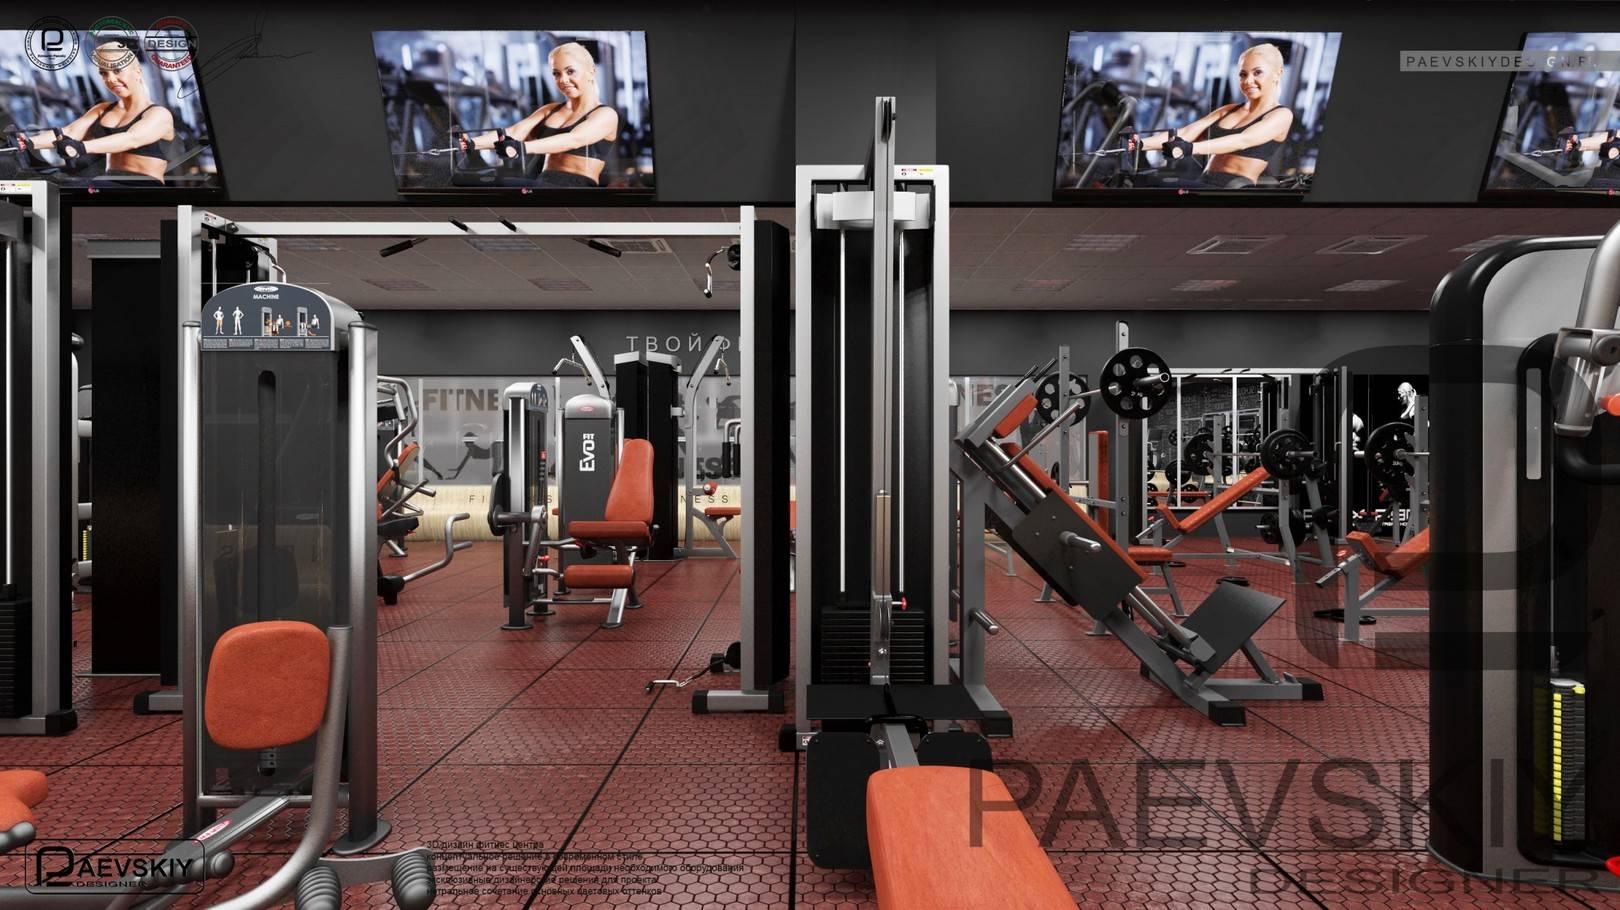 Концепция дизайна тренажерного зала фитнес центра